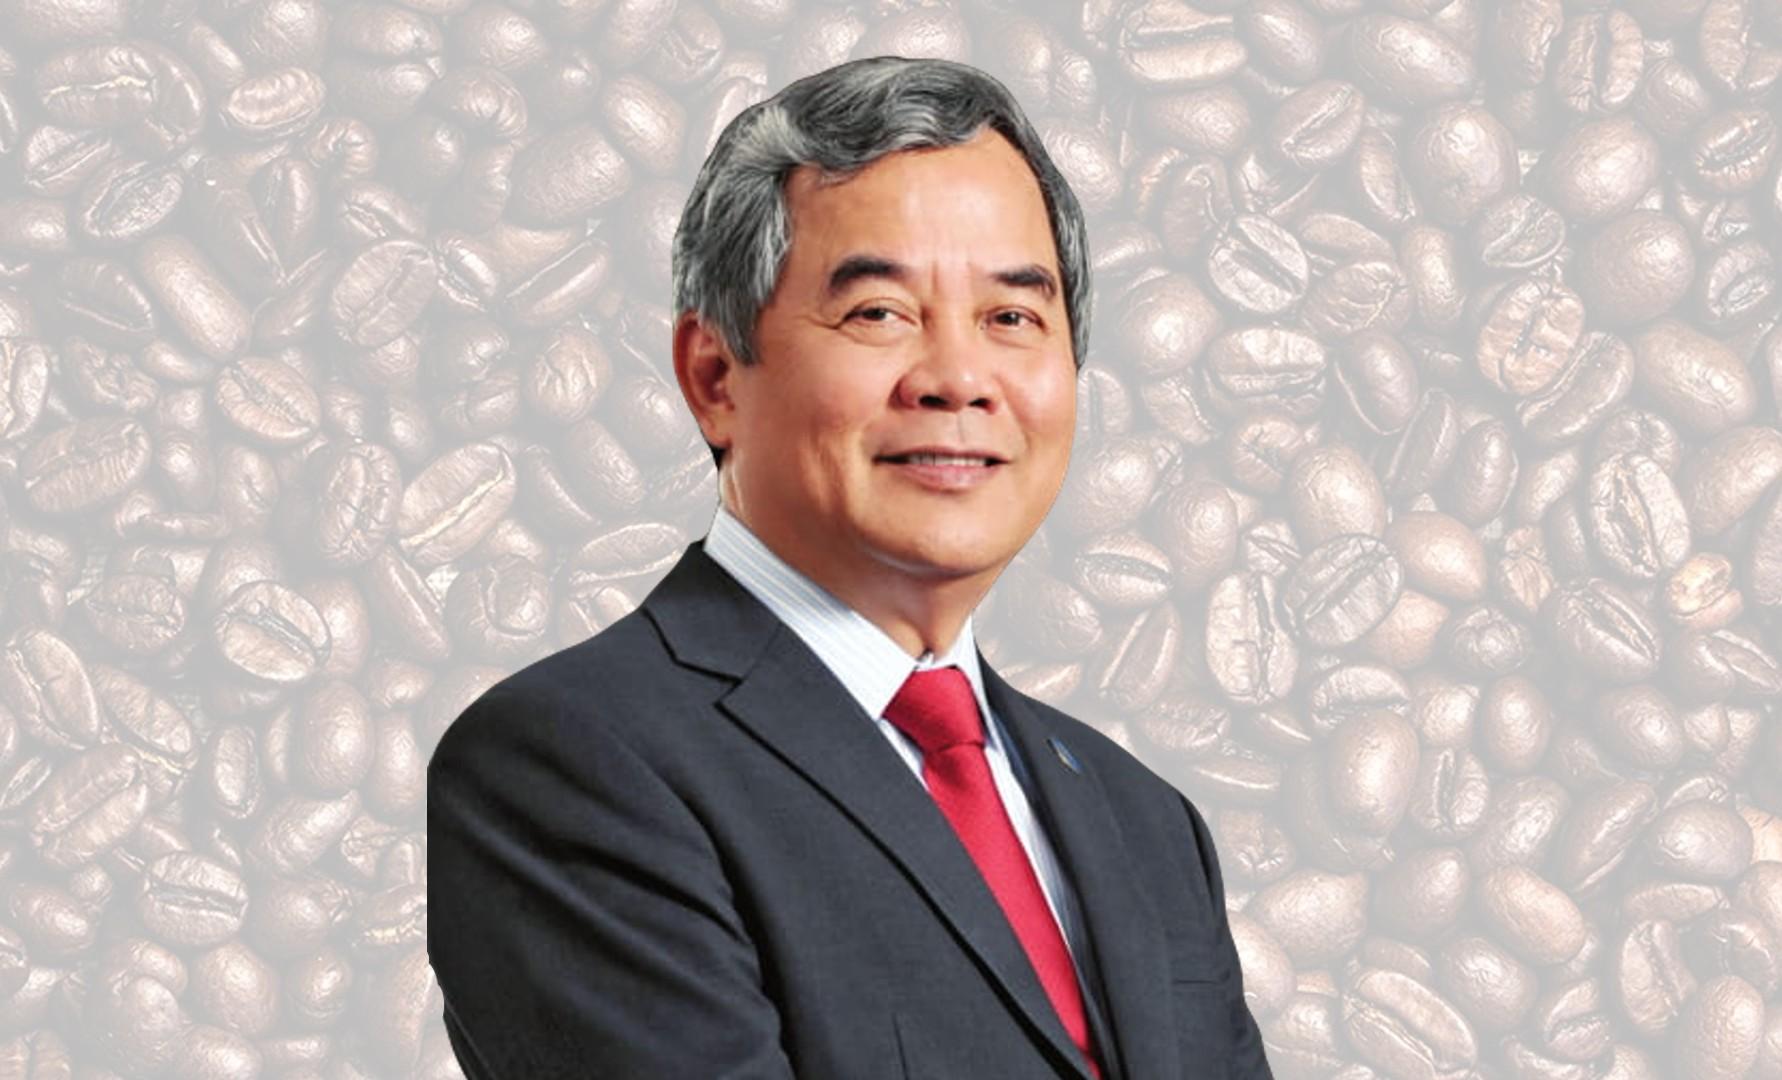 Bước vào chu kỳ mới, giá cà phê trong xu hướng tăng và dự báo sẽ lập đỉnh vào cuối năm nay